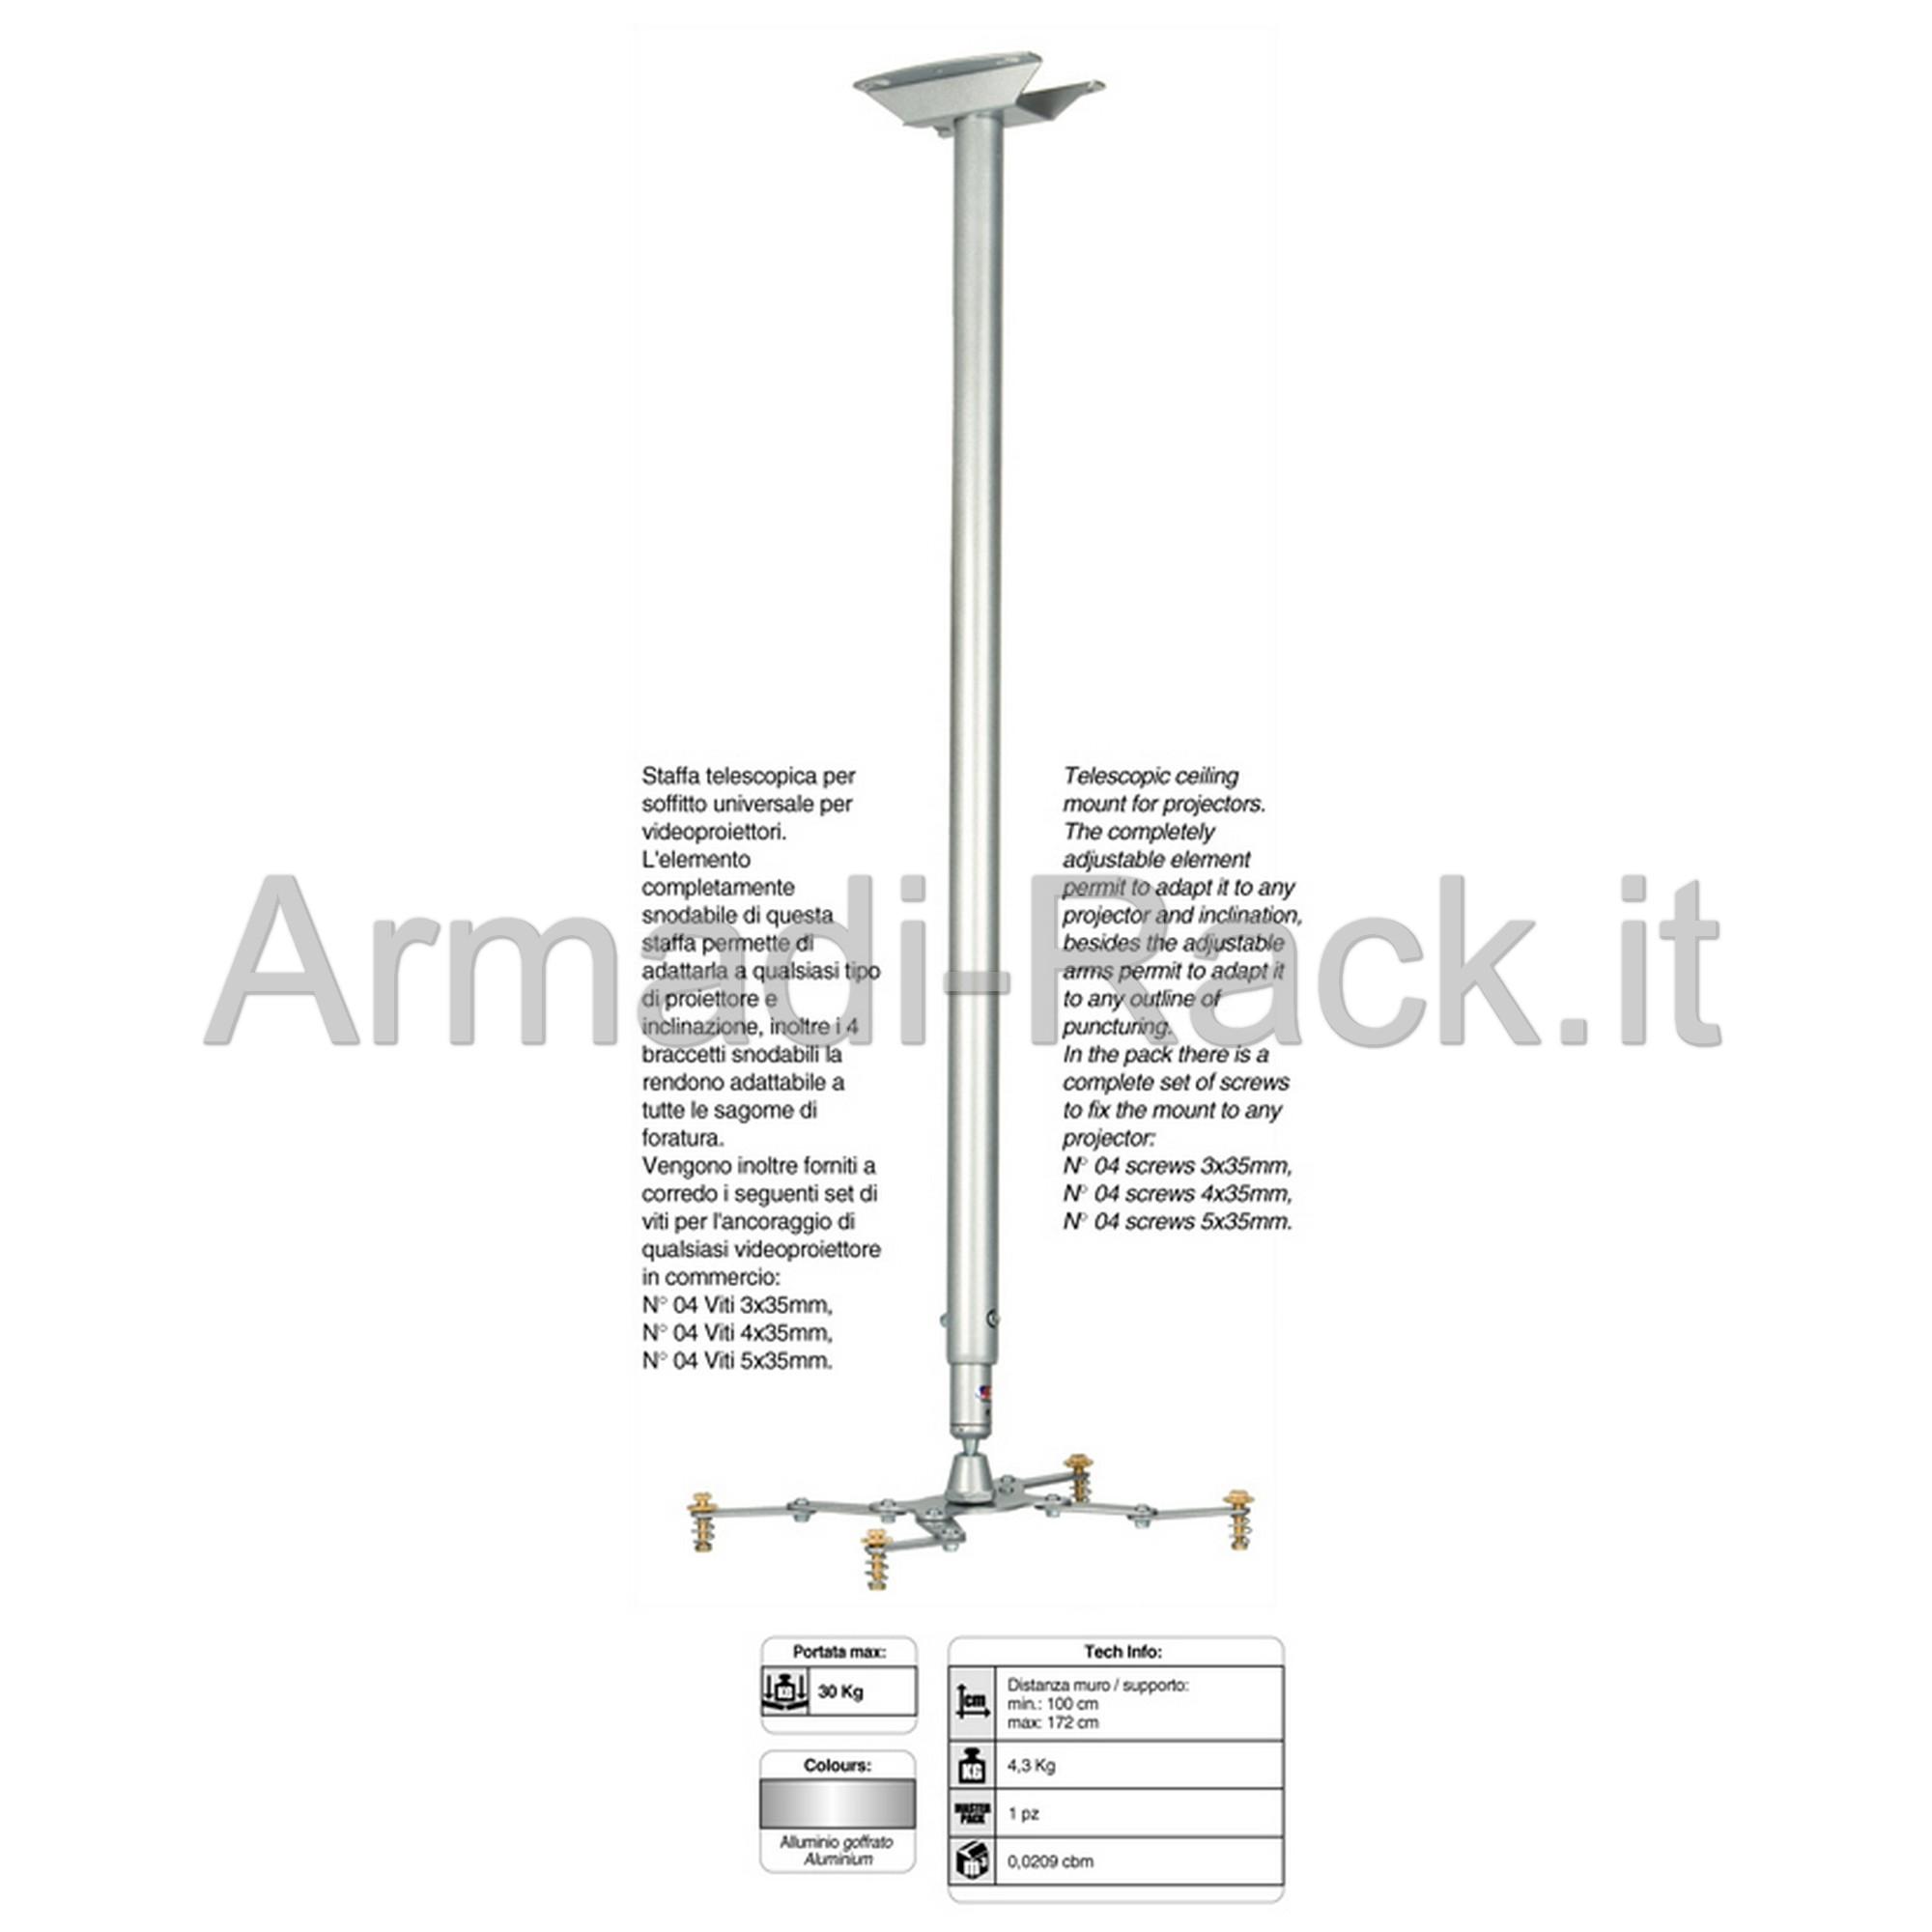 Supporto universale telescopico da soffitto per videoproiettori. Lunghezza 100/172 cm.